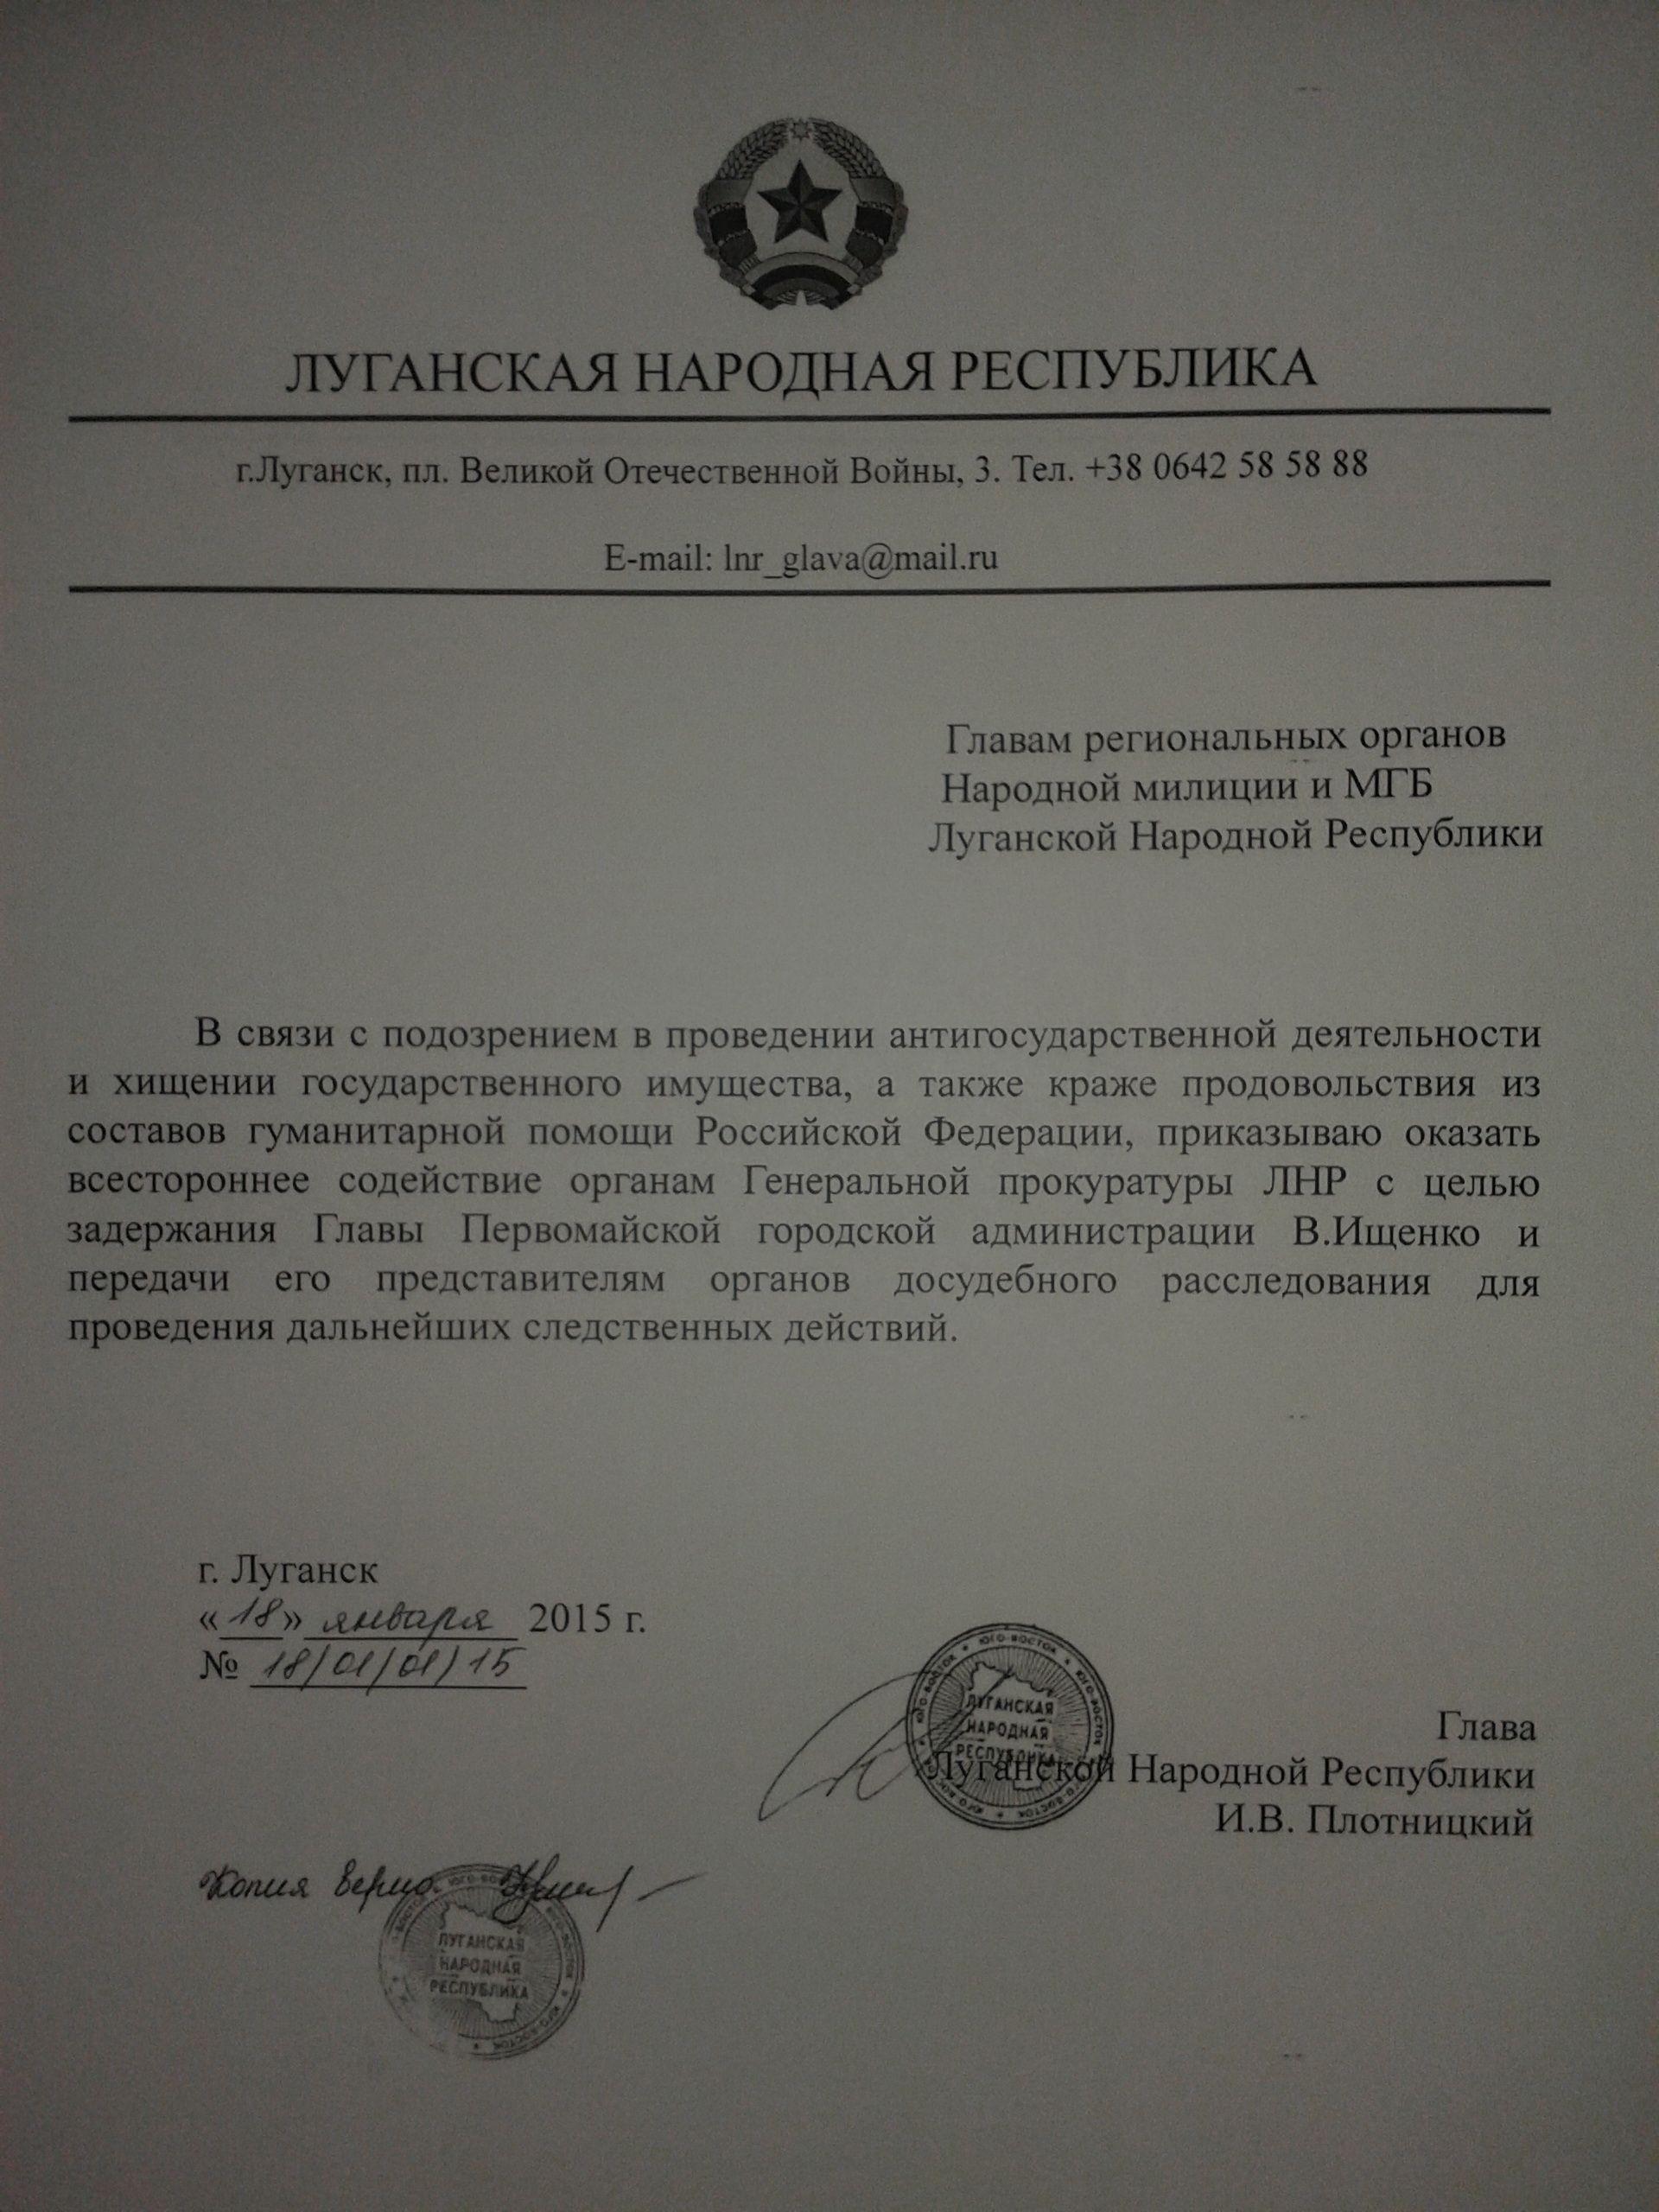 Приказ о задержании Ищенко